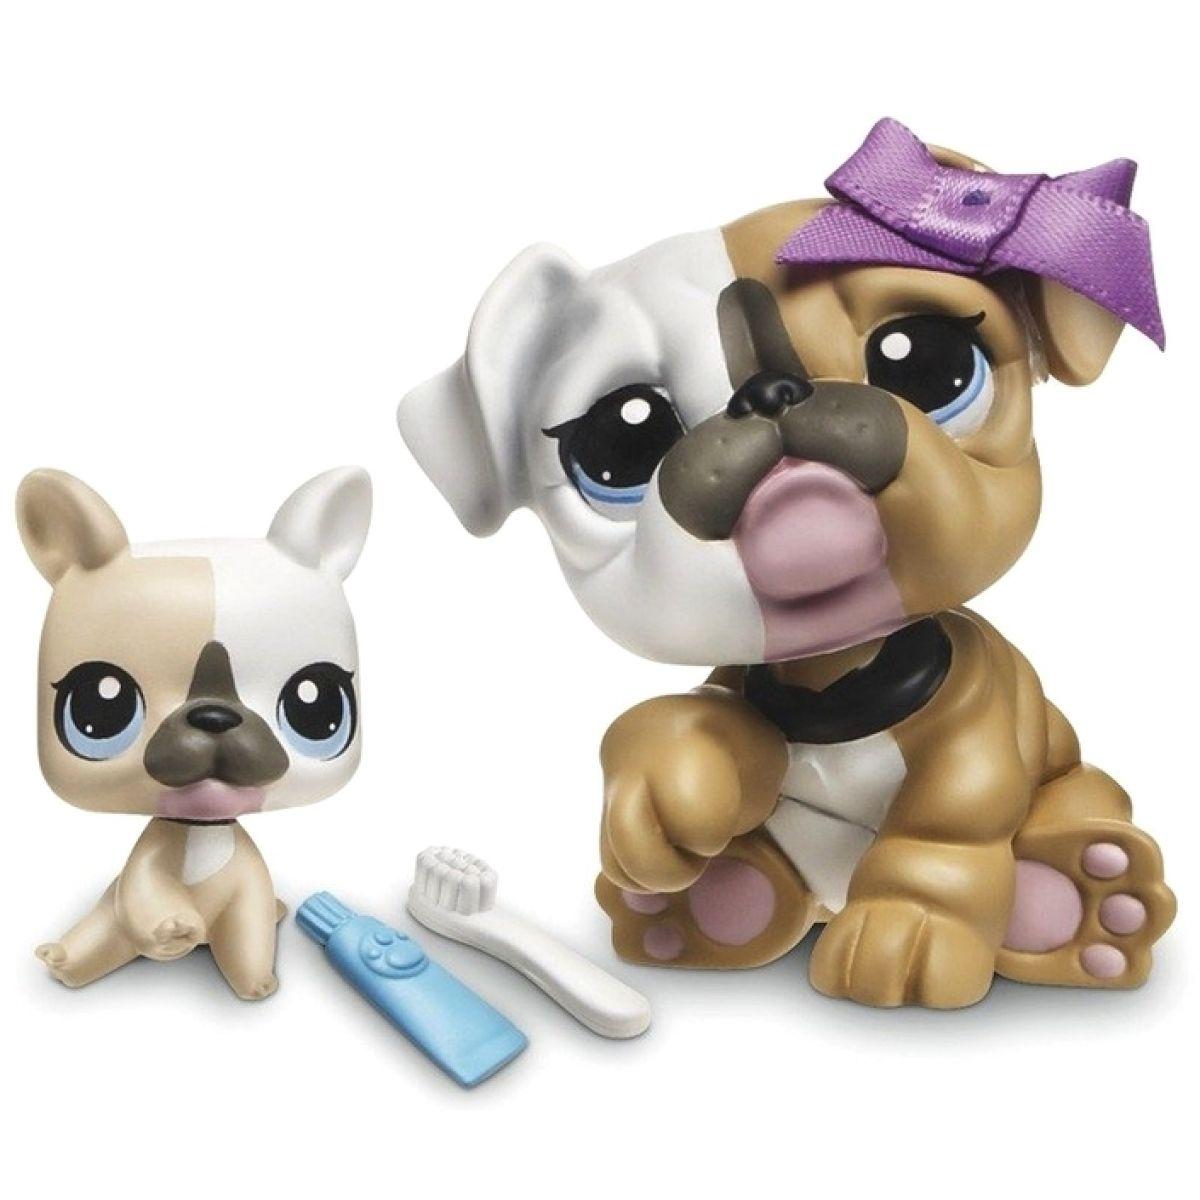 Littlest Pet Shop zvířátka - 3587 Buldog 3588 mládě